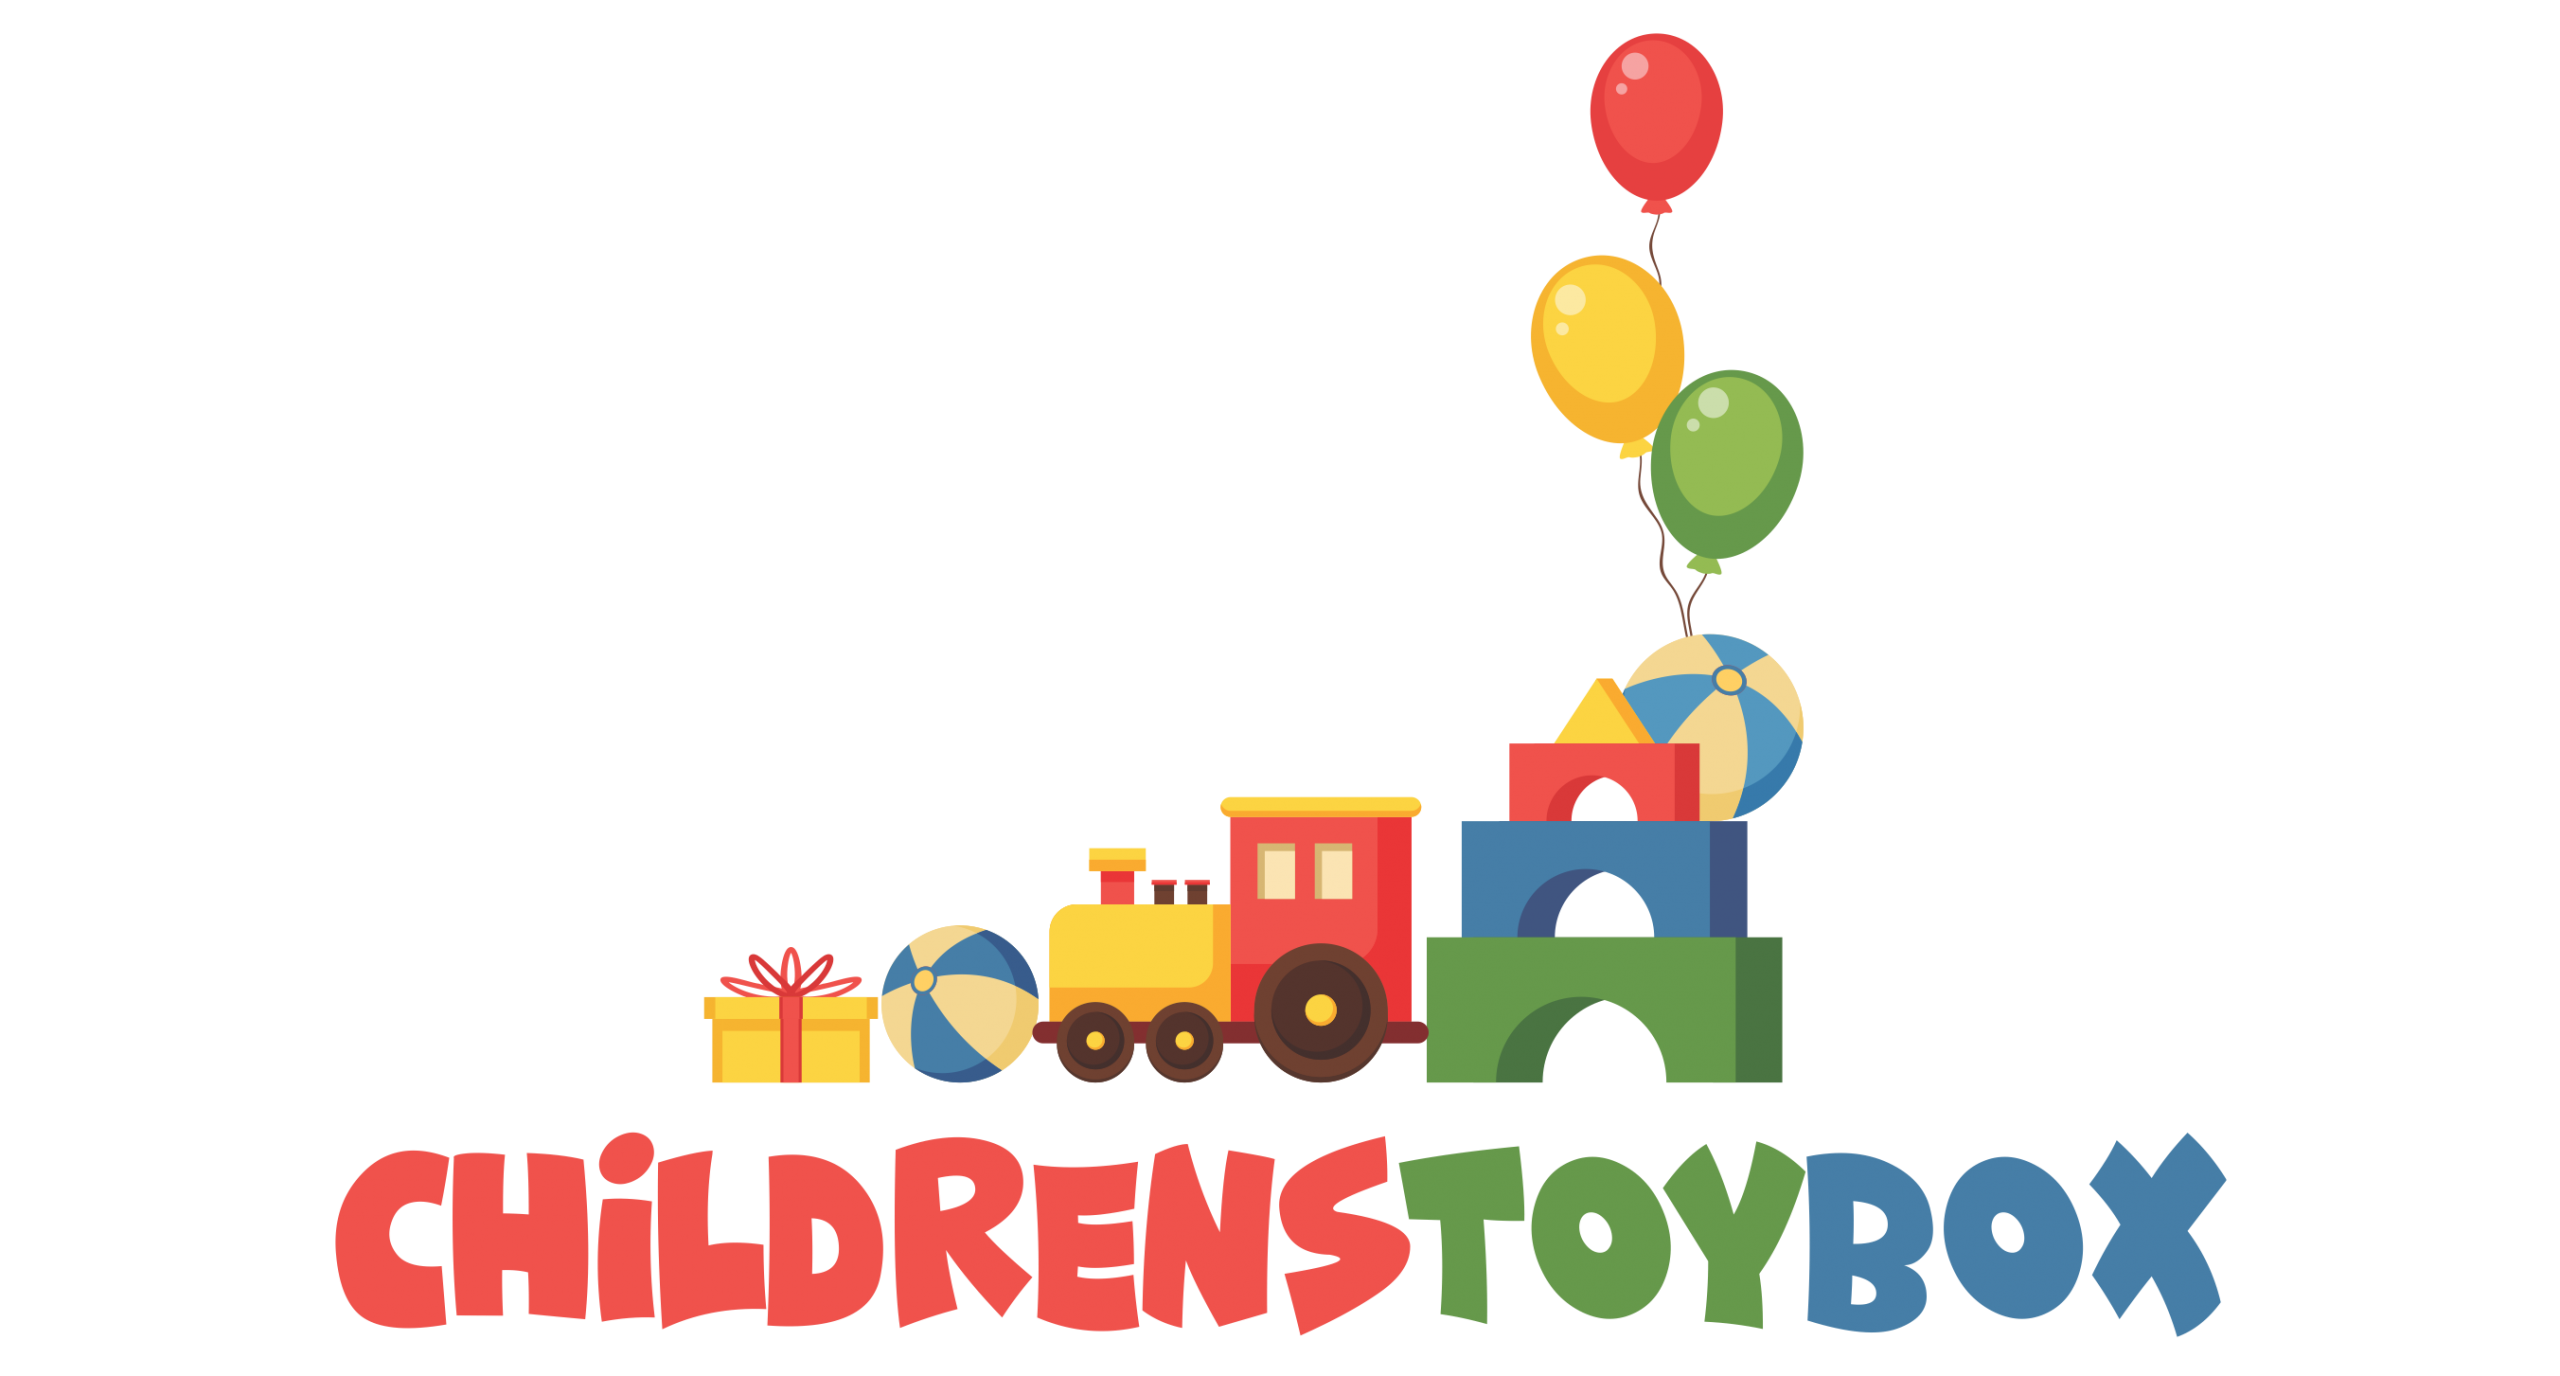 ChildrensToyBox